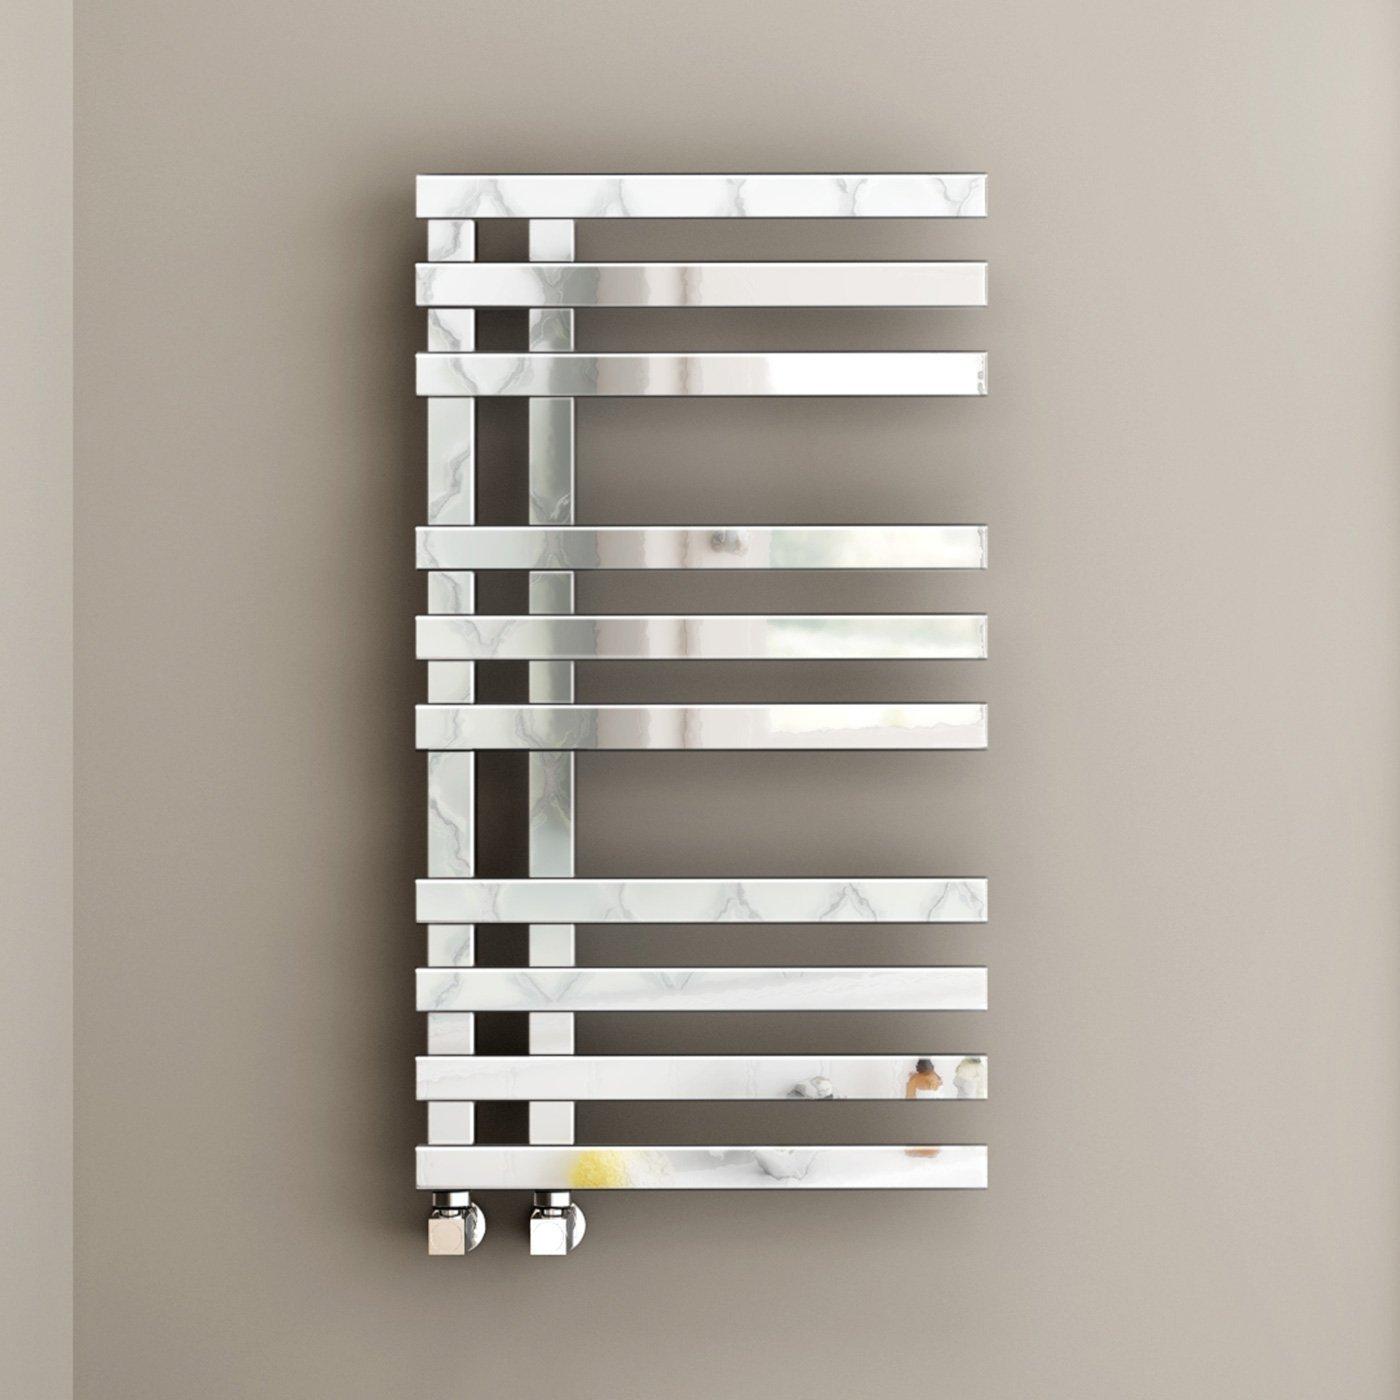 Soak Radiatore Scaldasalviette di Design, Tubi Quadrati, 820 x 450 mm - Tutte le Dimensioni - Cromato